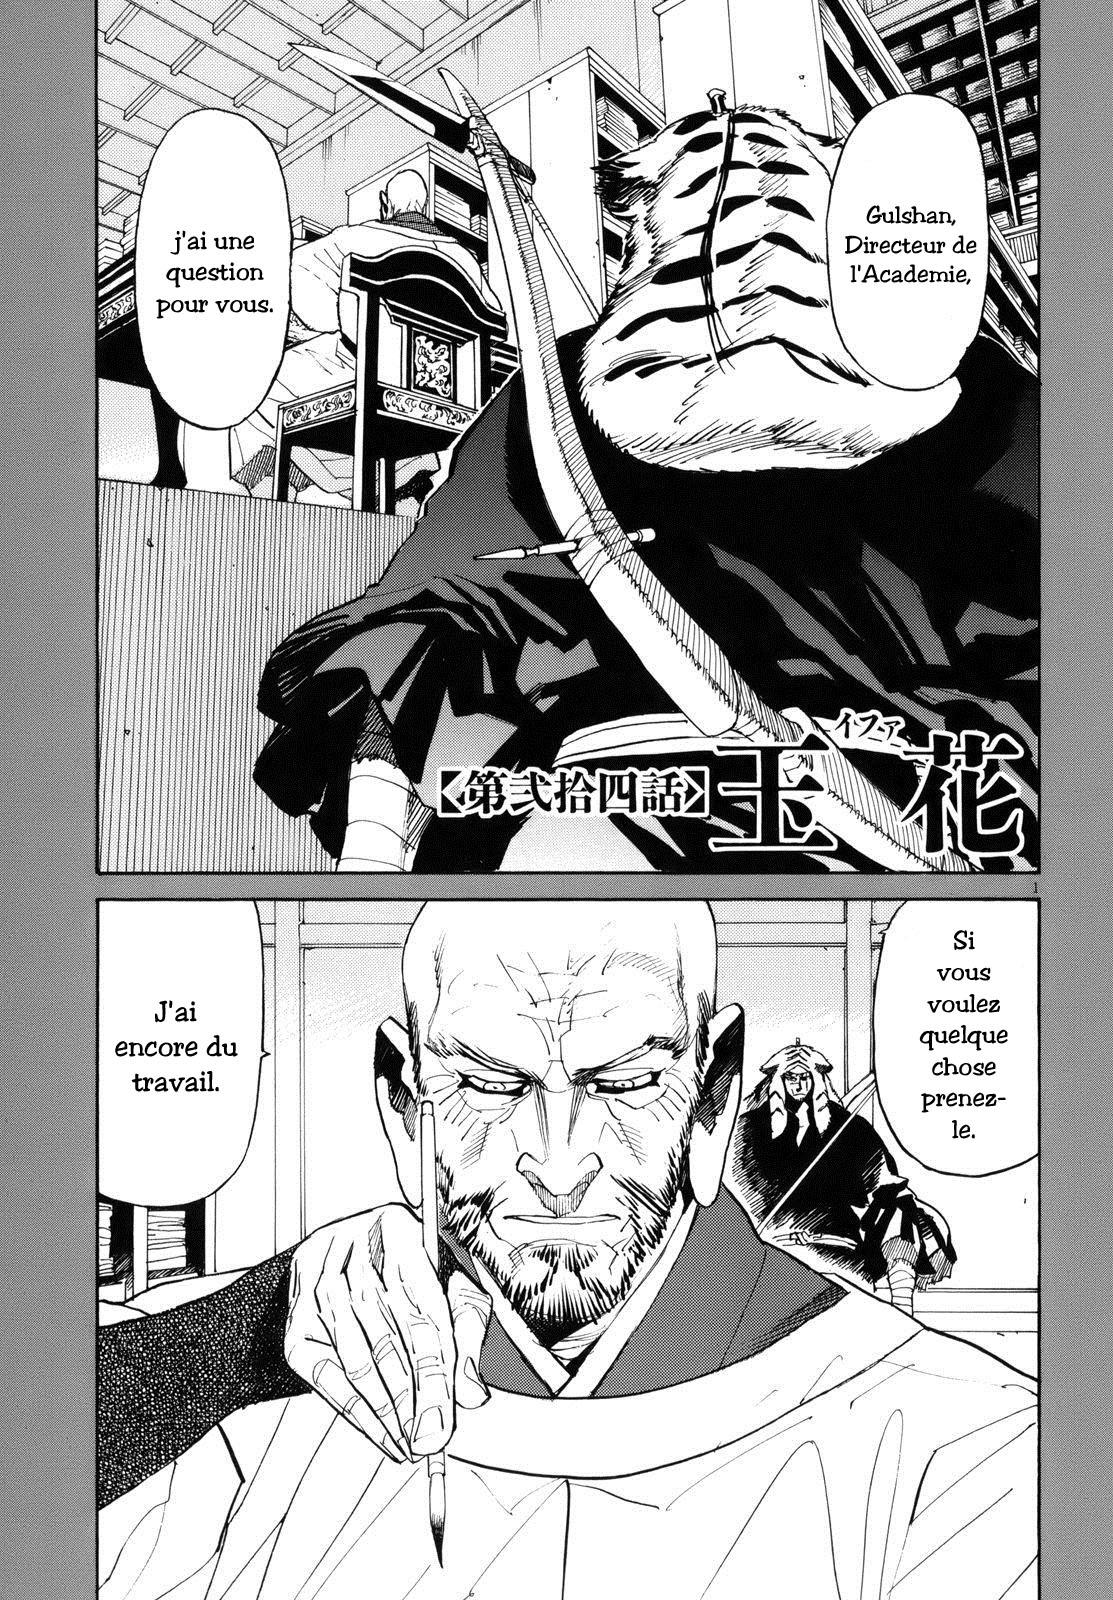 https://nine.mangadogs.com/fr_manga/pic1/30/1118/48296/ShutHell24VF_0_708.jpg Page 1